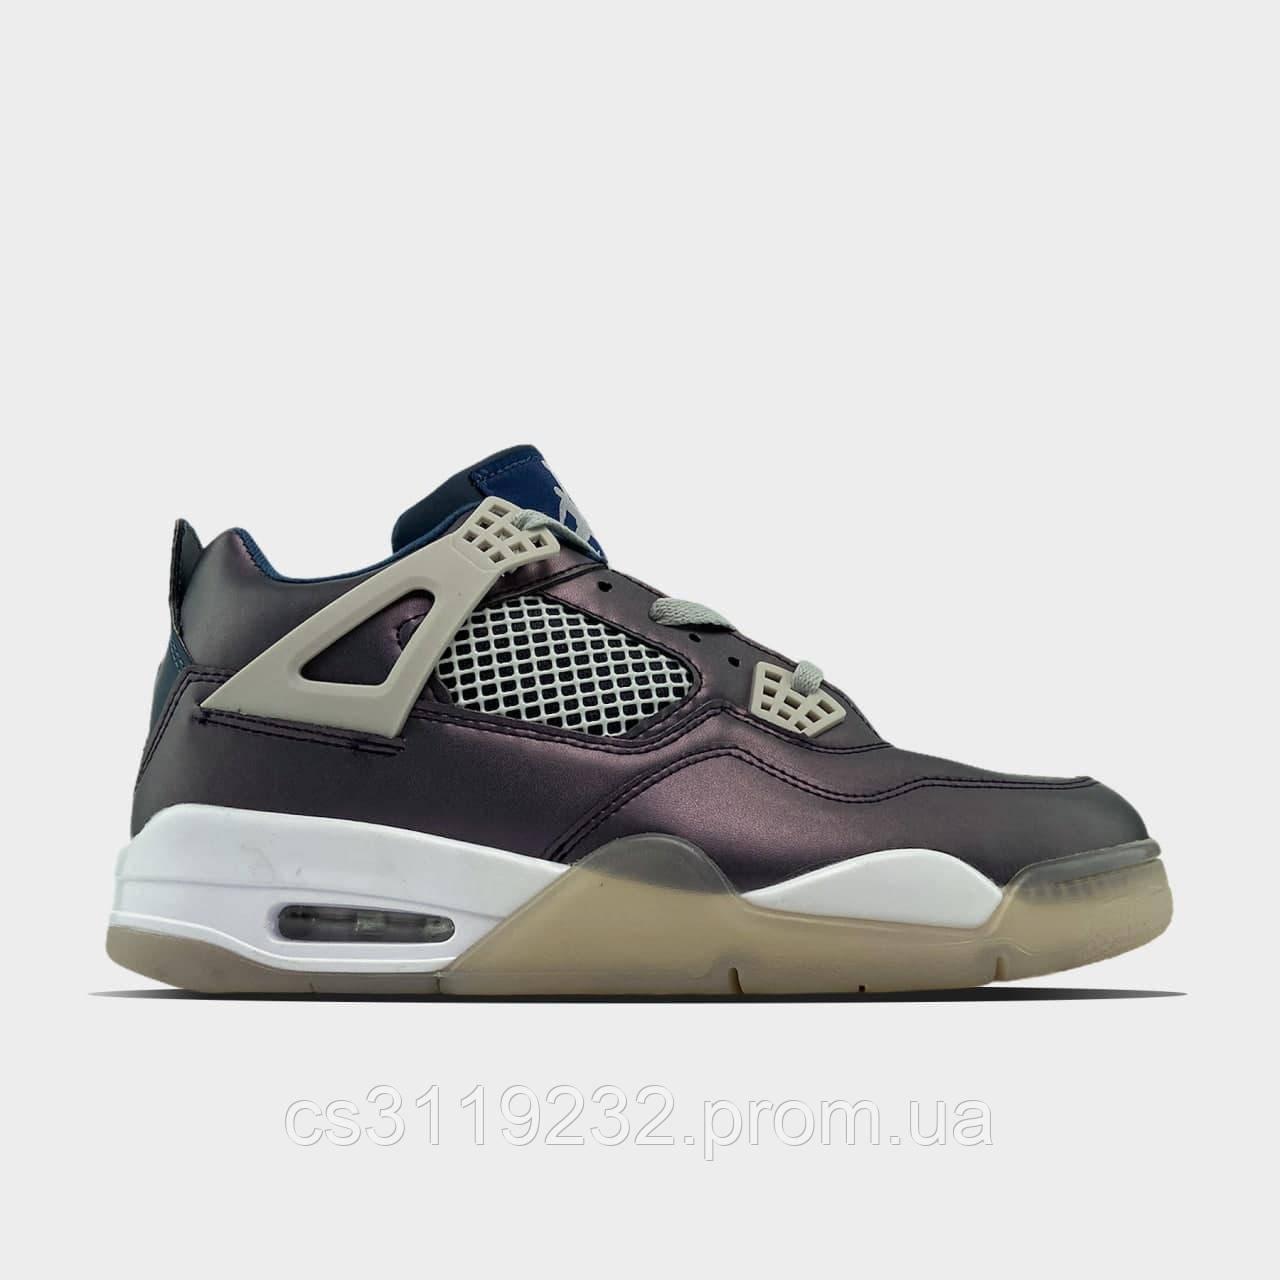 Мужские кроссовки Air Jordan 4 Fossil (серые)